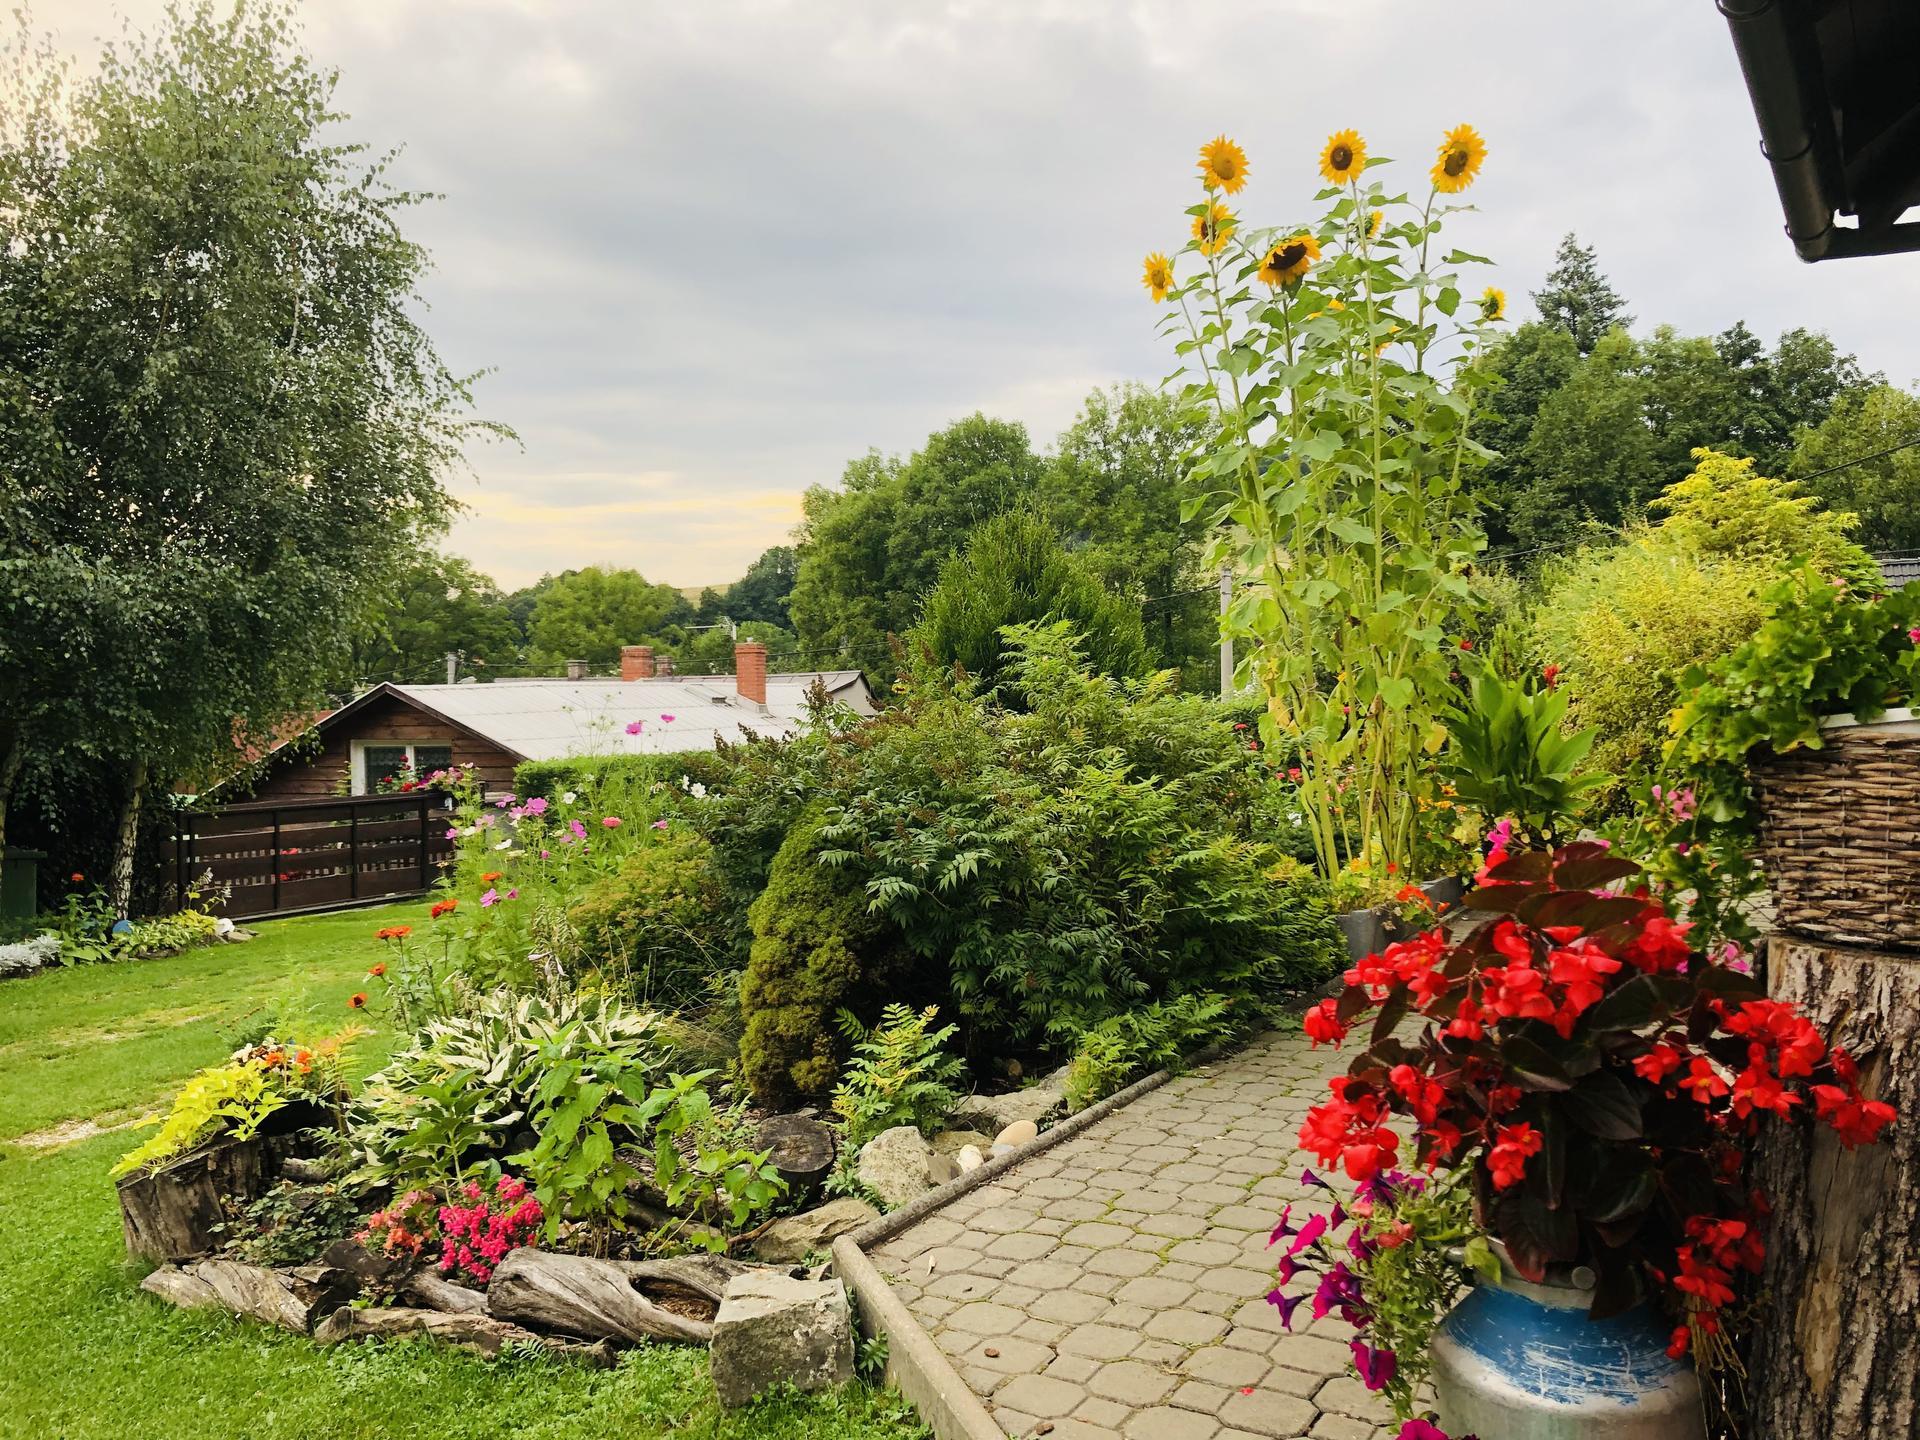 U nás doma a na zahradě 2021 - Obrázek č. 78